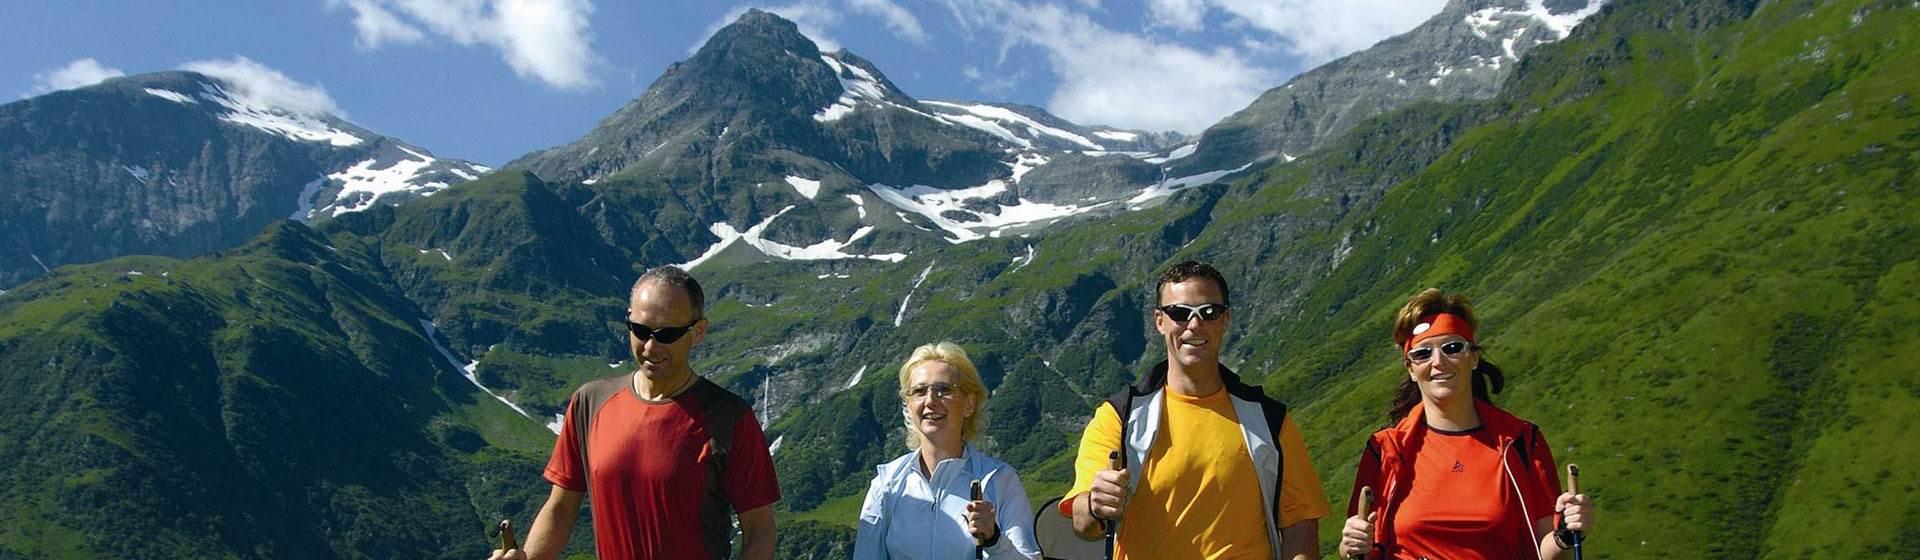 Wanderer in den Bergen vor Bergkulisse im Sommer